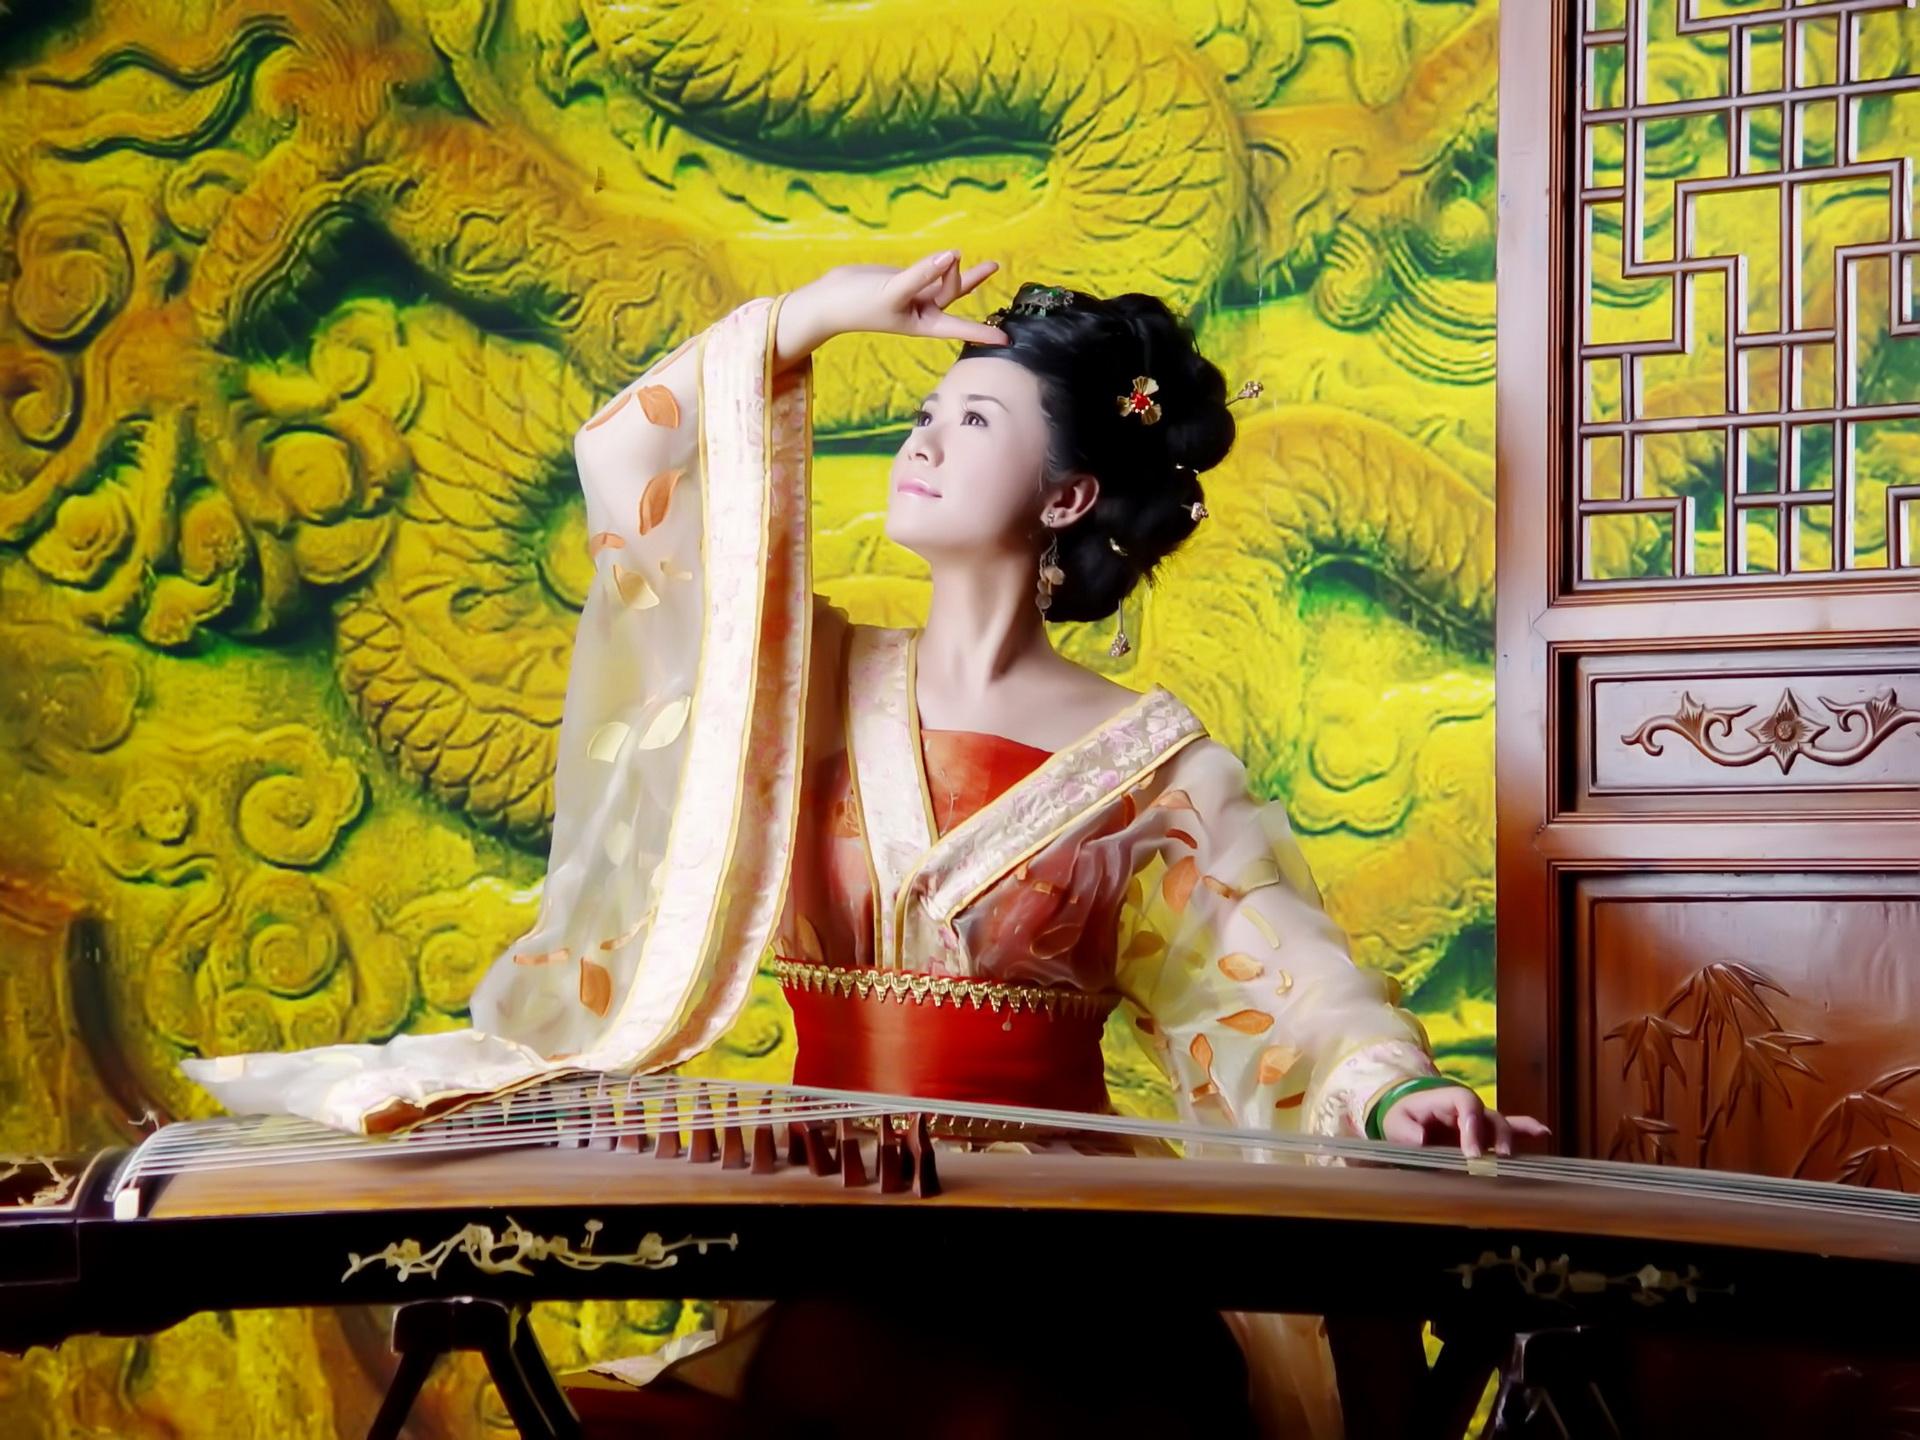 国产影视之古典美女011920x1440壁纸